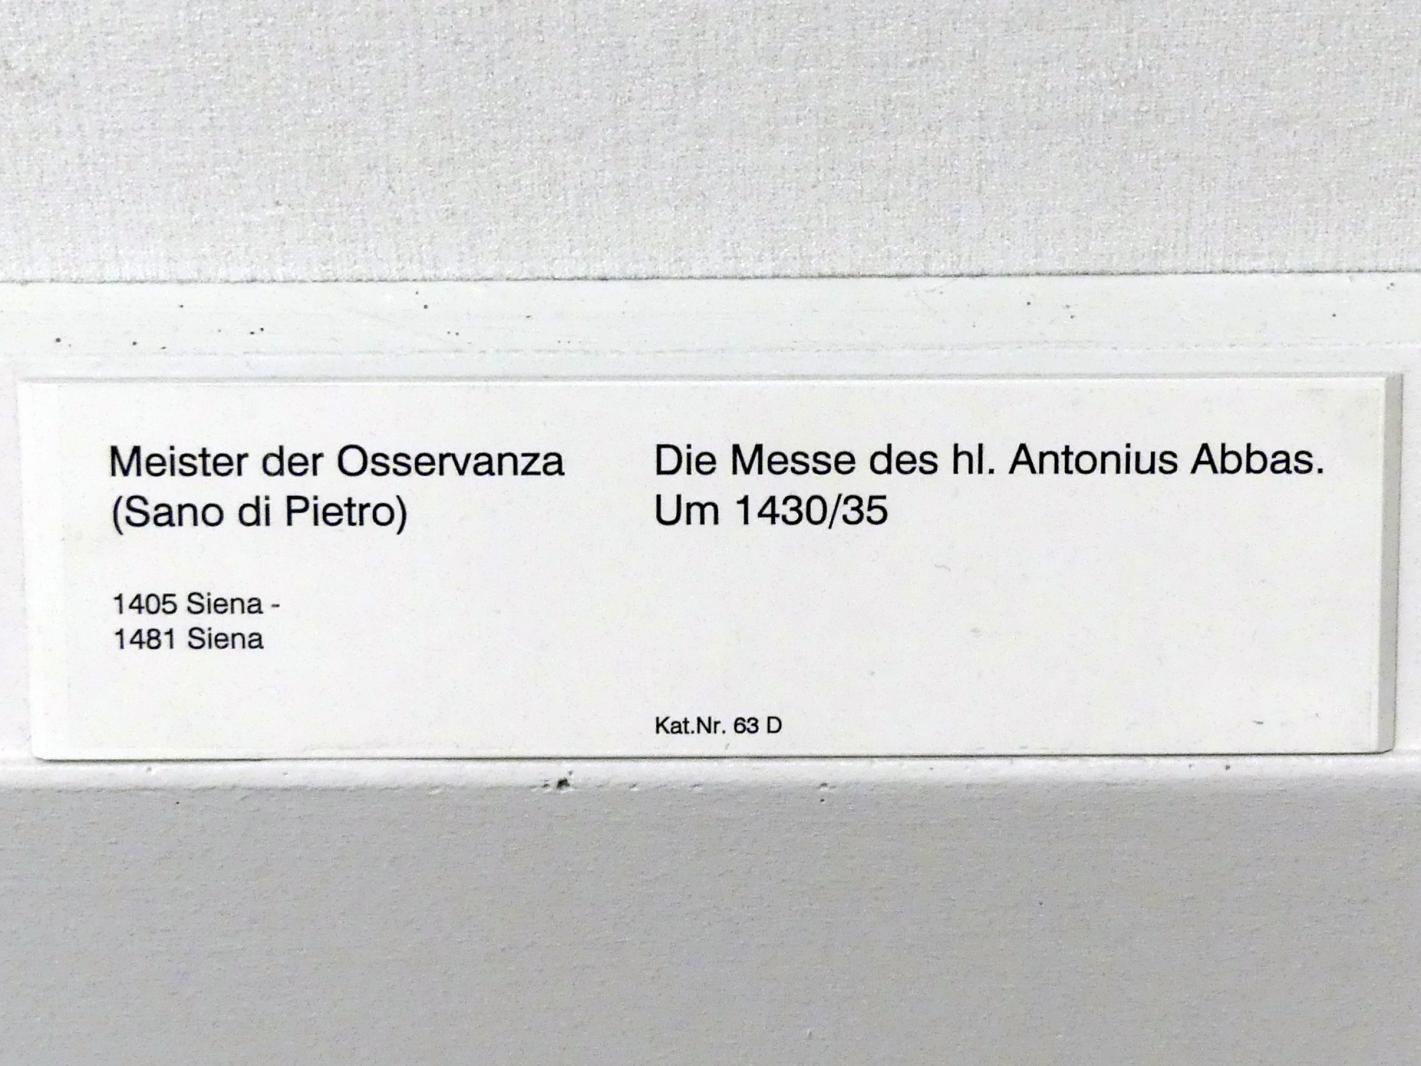 Meister der Osservanza: Die Messe des hl. Antonius Abbas, um 1430 - 1435, Bild 2/2